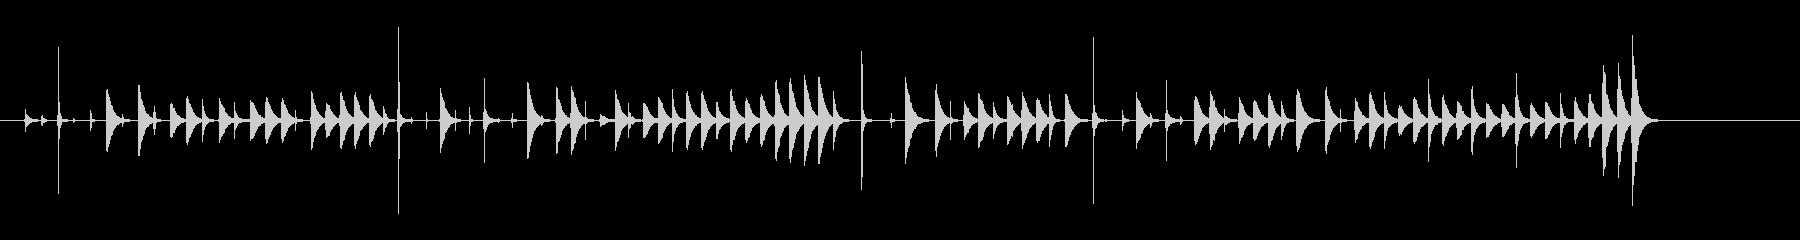 パーカッションコンガ-ミュージカル...の未再生の波形